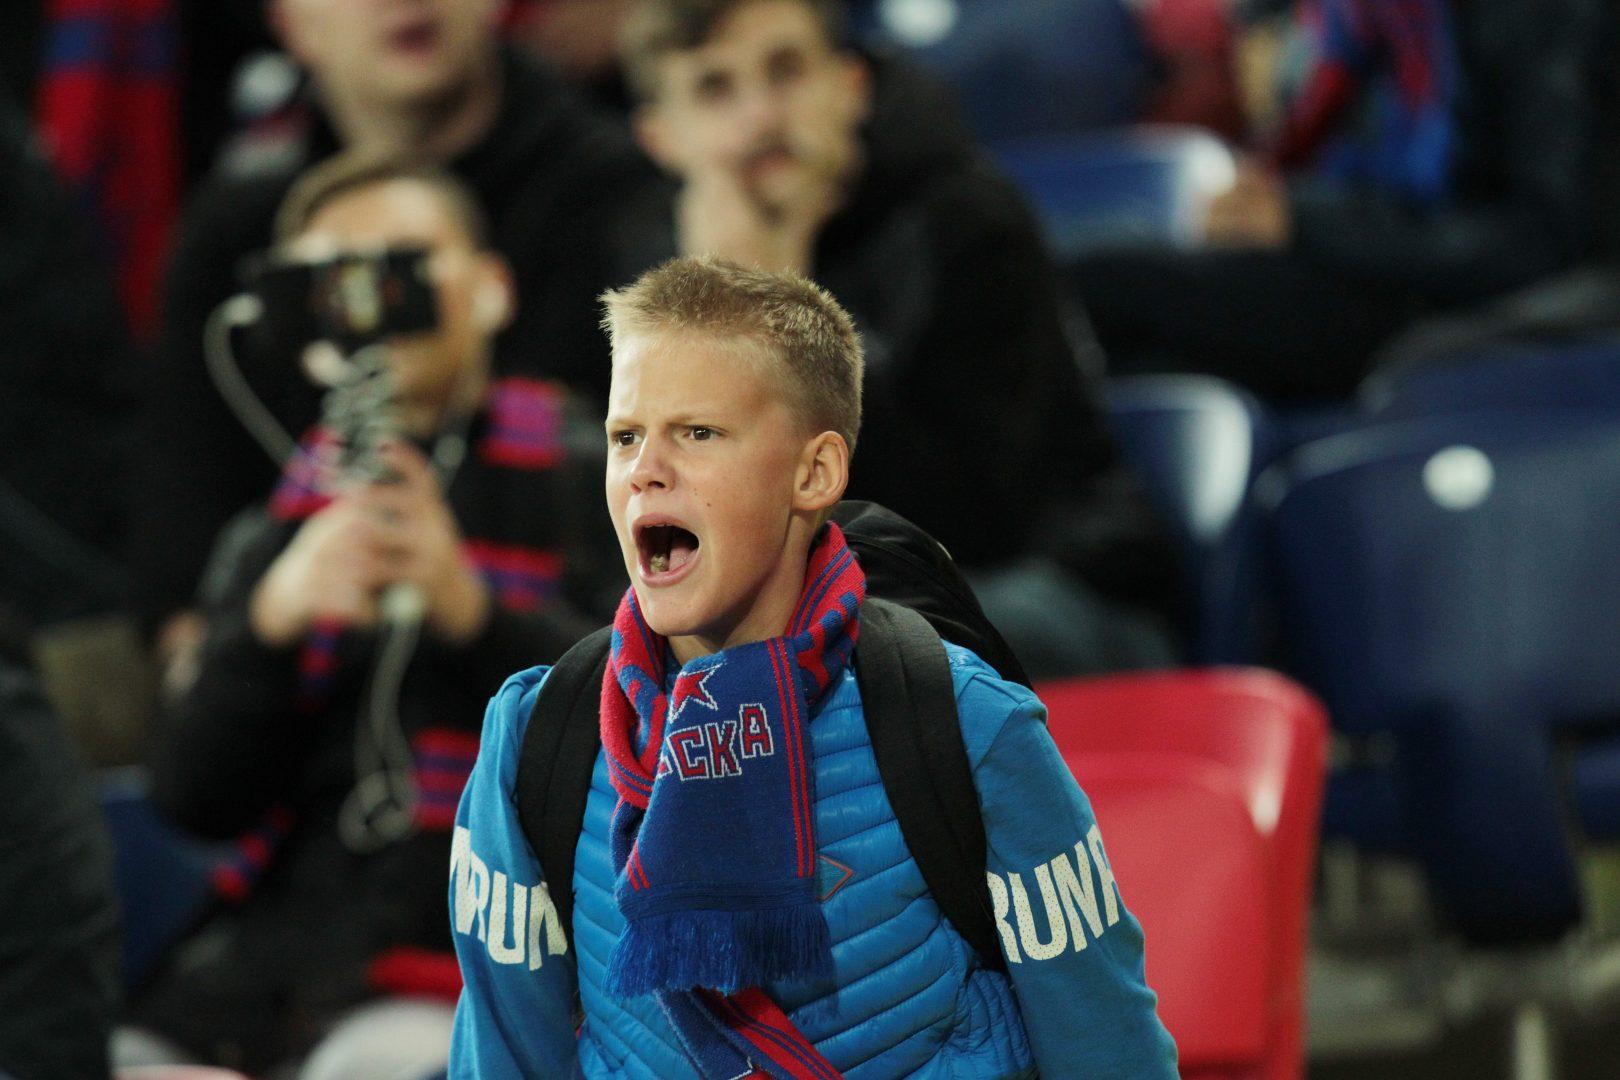 Футболисты ЦСКА и «Реала» проведут матч в «Лужниках».Фото: архив, «Вечерняя Москва»